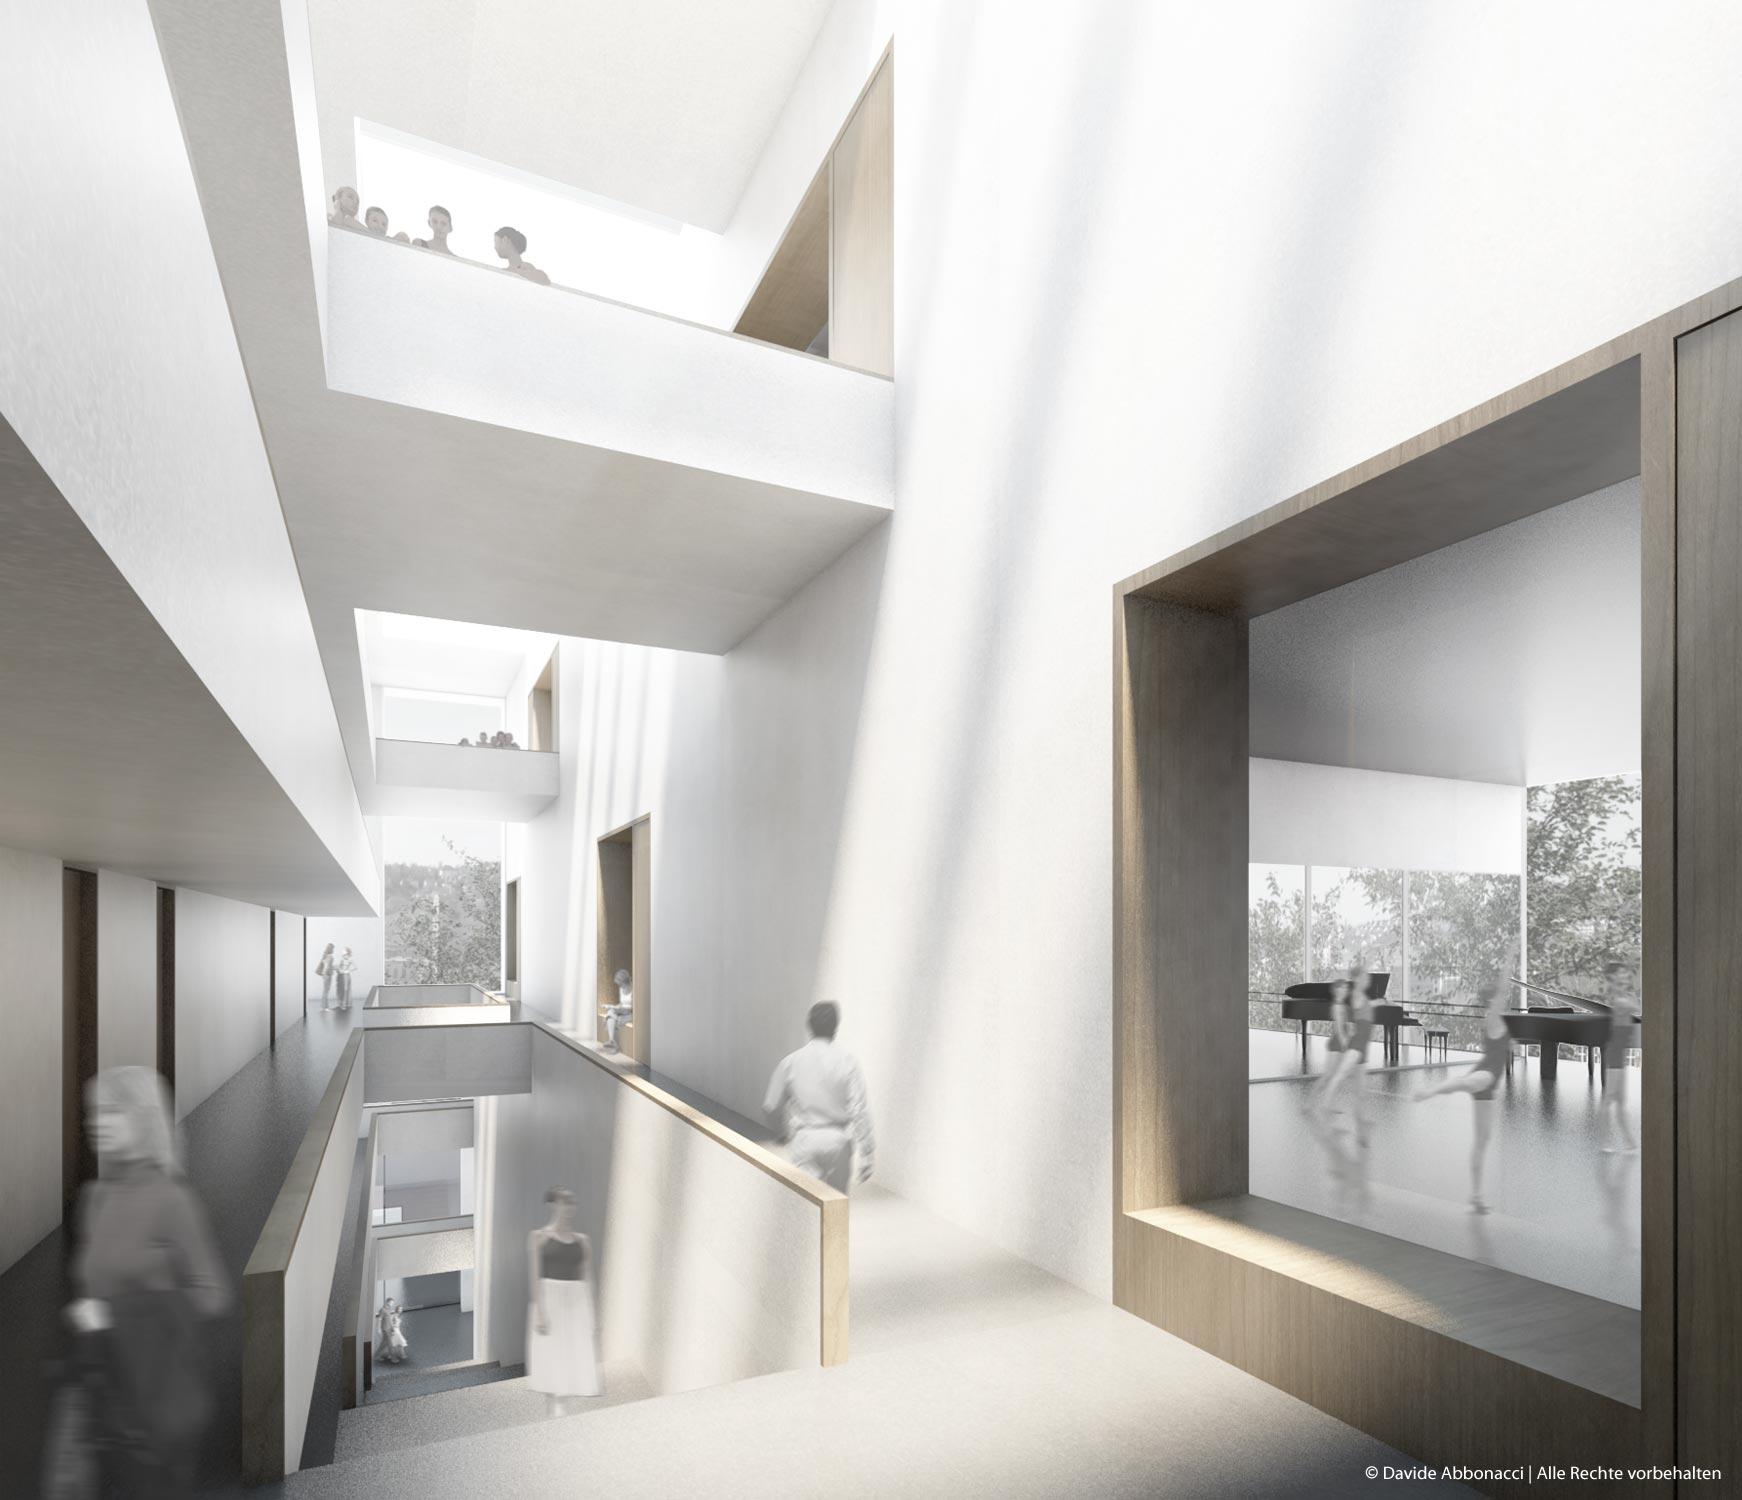 J. Cranko Ballettschule, Stuttgart | gmp Architekten von Gerkan, Marg und Partner | 2011 Wettbewerbsvisualisierung | 2.Preis